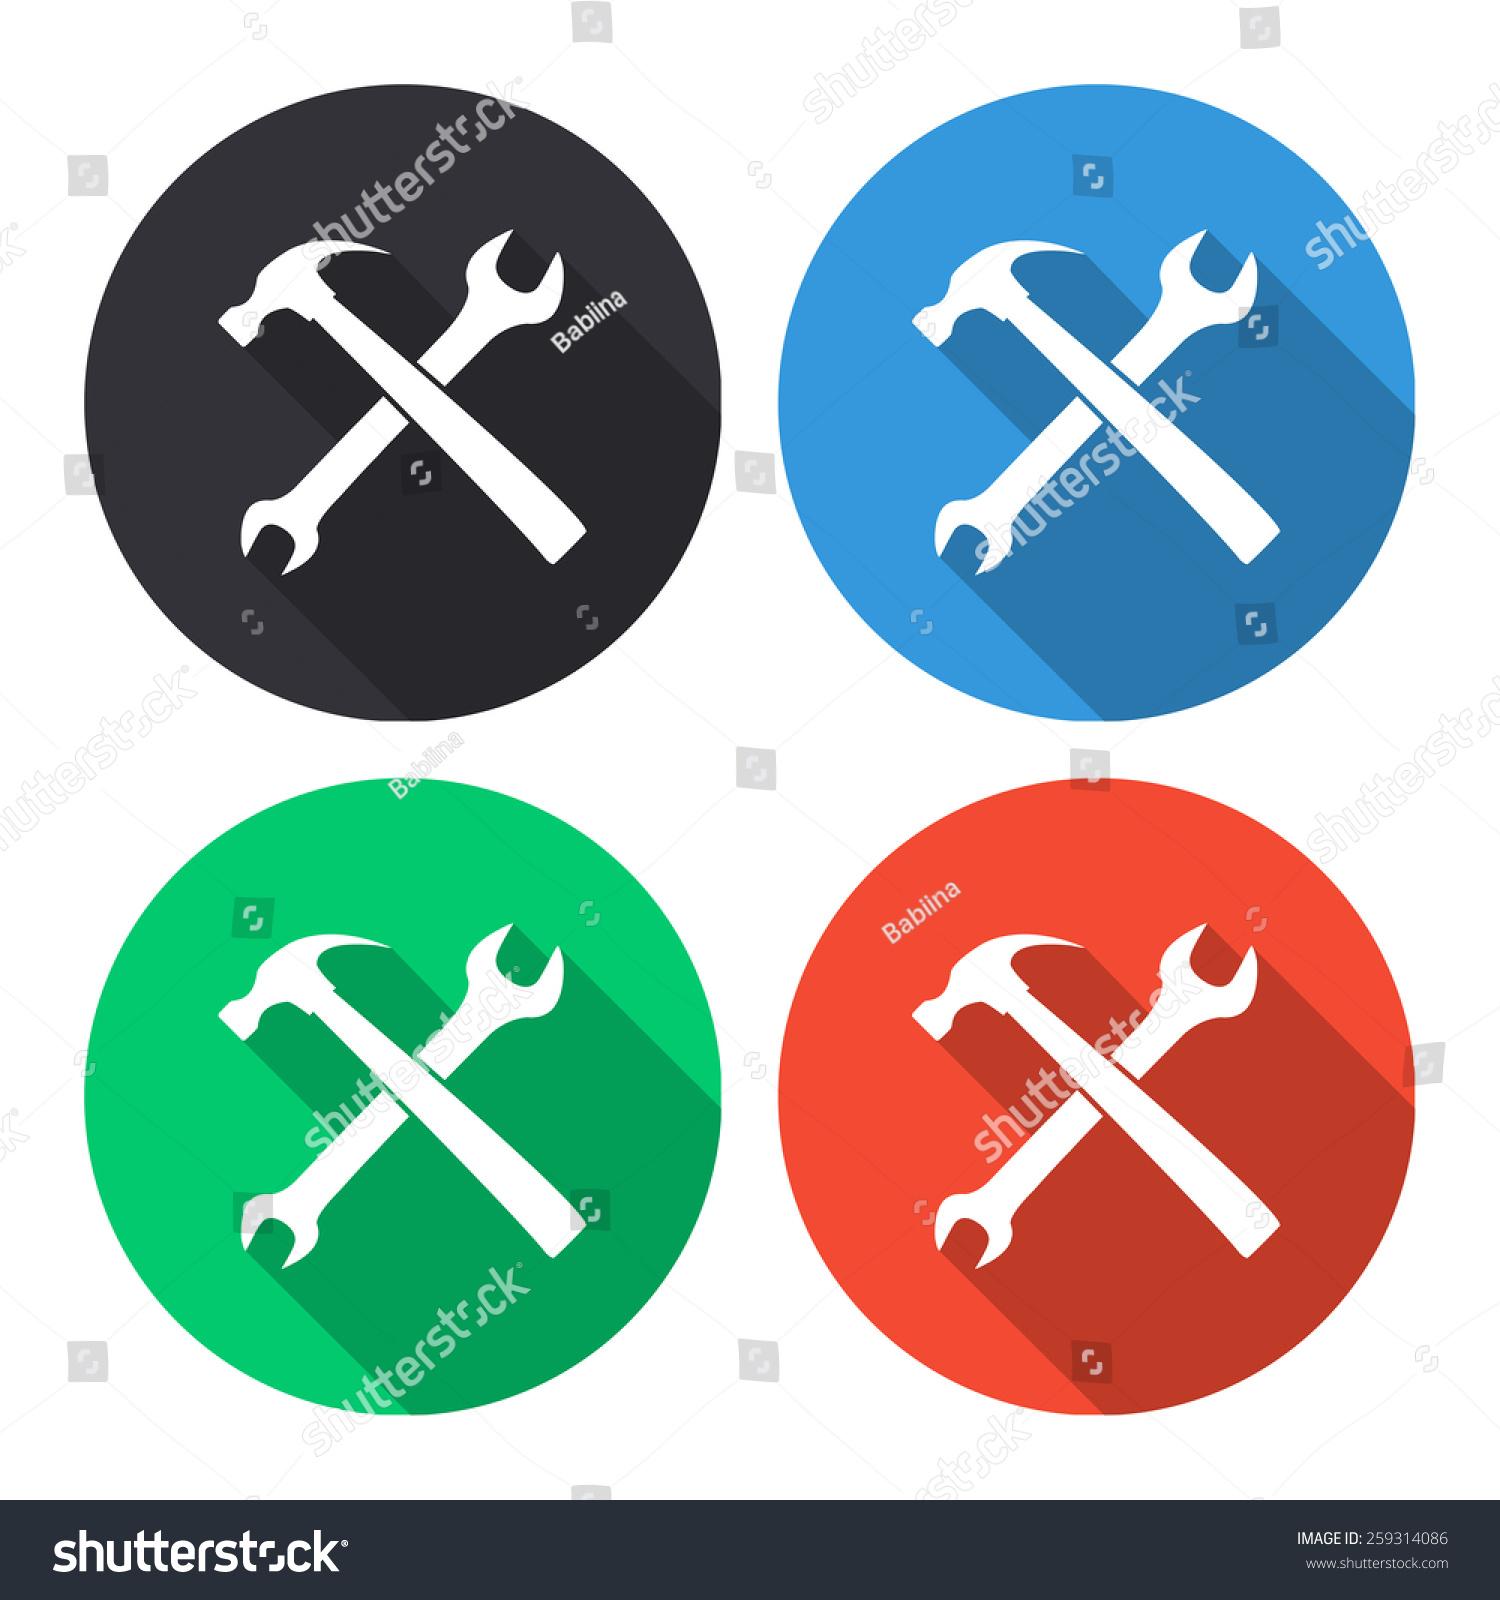 扳手和锤矢量图标颜色(灰色,蓝色,绿色,红色)圆形按钮